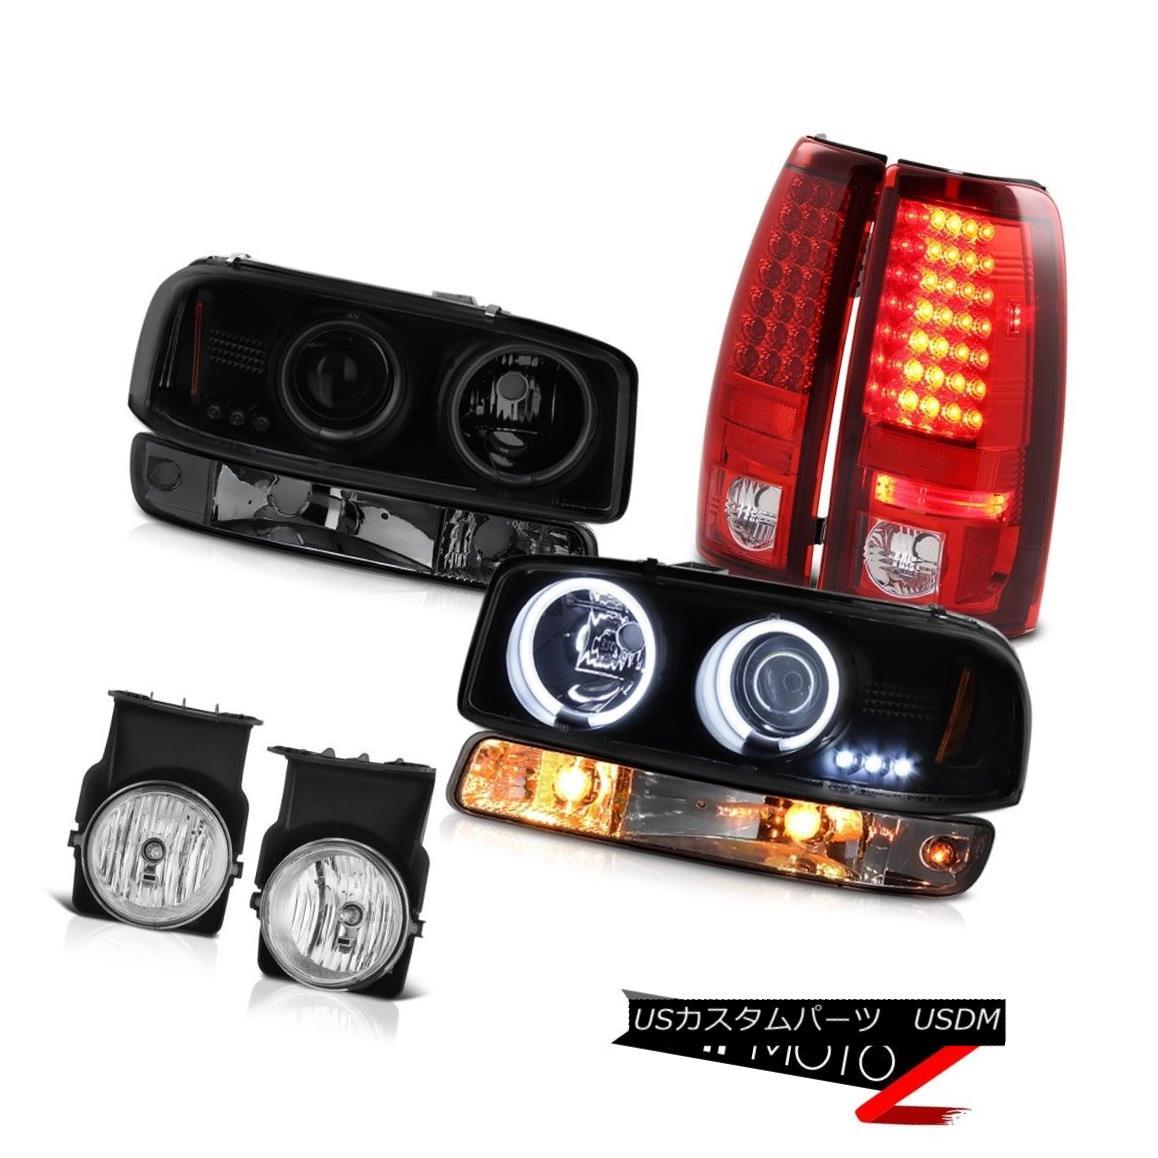 テールライト 03-06 Sierra WT Euro chrome foglamps led tail lamps signal light headlights LED 03-06シエラWTユーロクロームフォグランプLEDテールランプ信号ライトヘッドライトLED